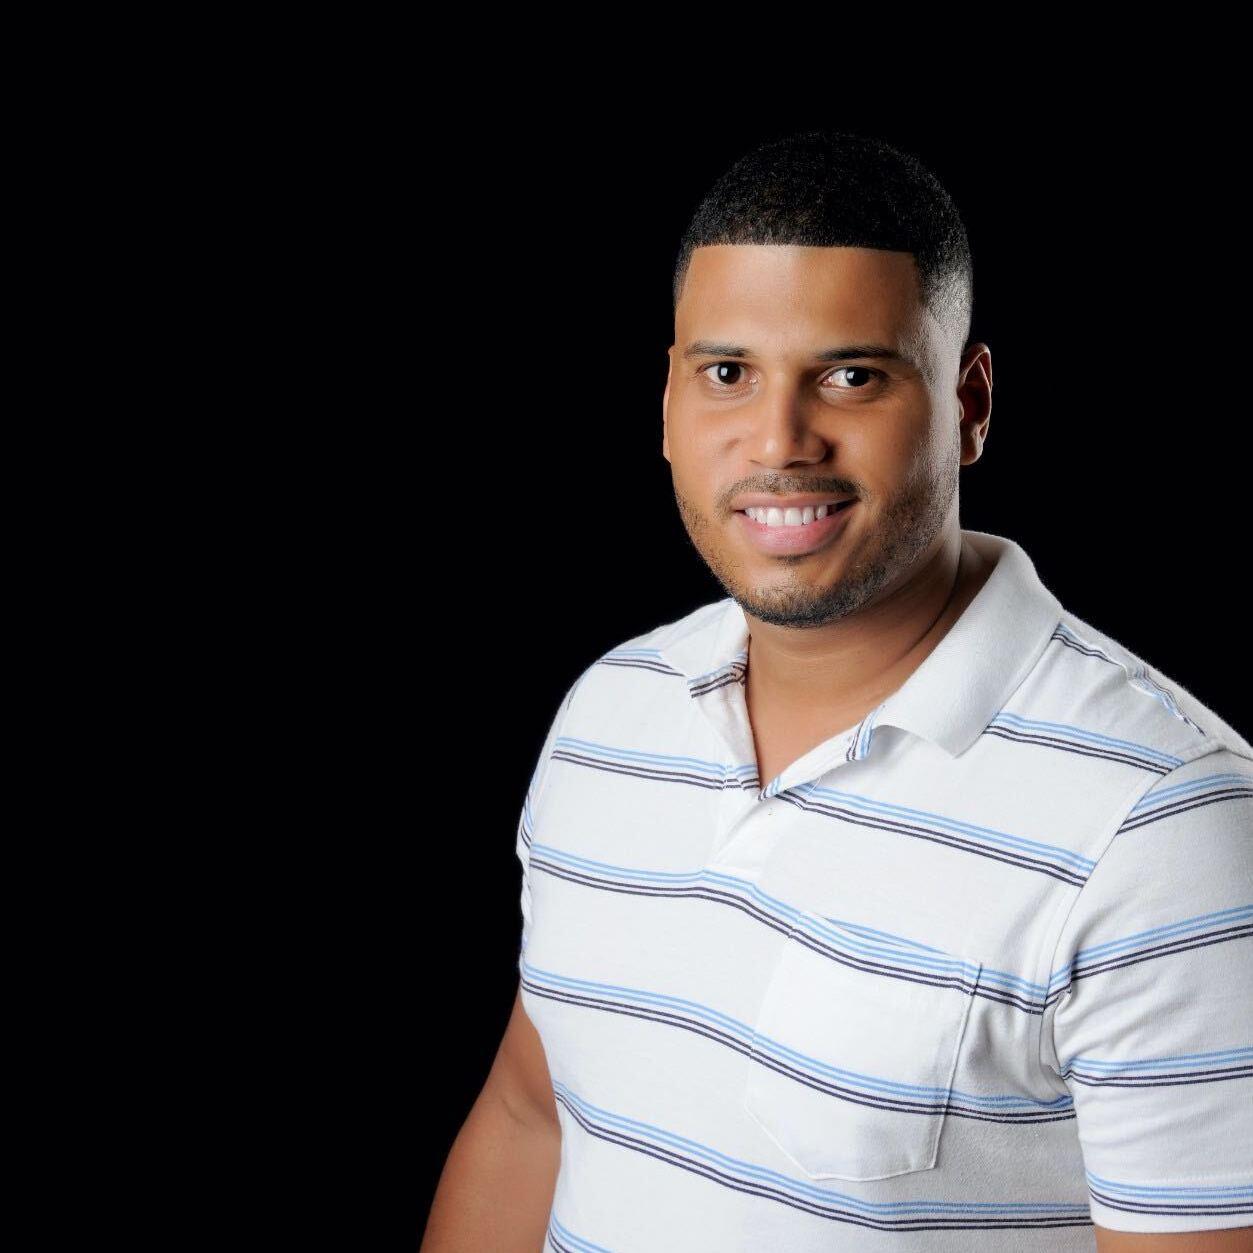 Image of Ramon